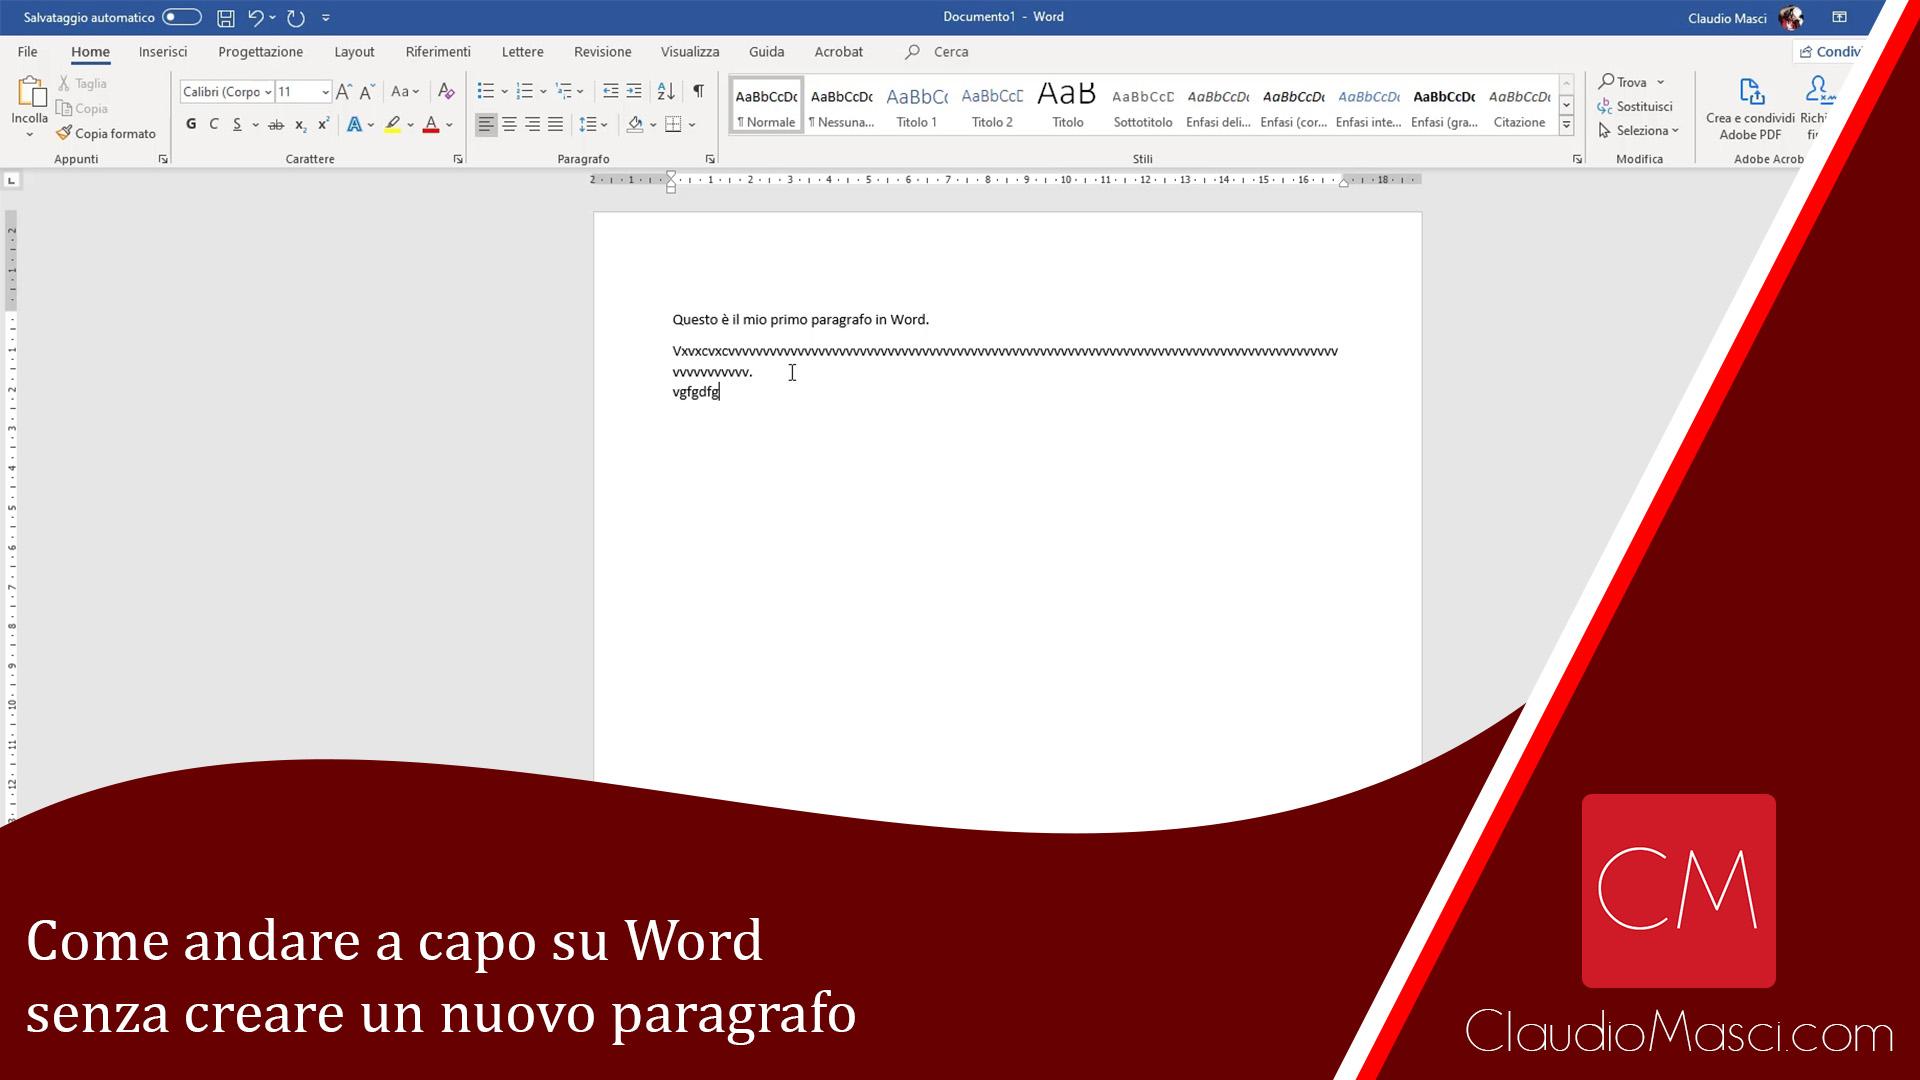 Come andare a capo su Word senza creare un nuovo paragrafo